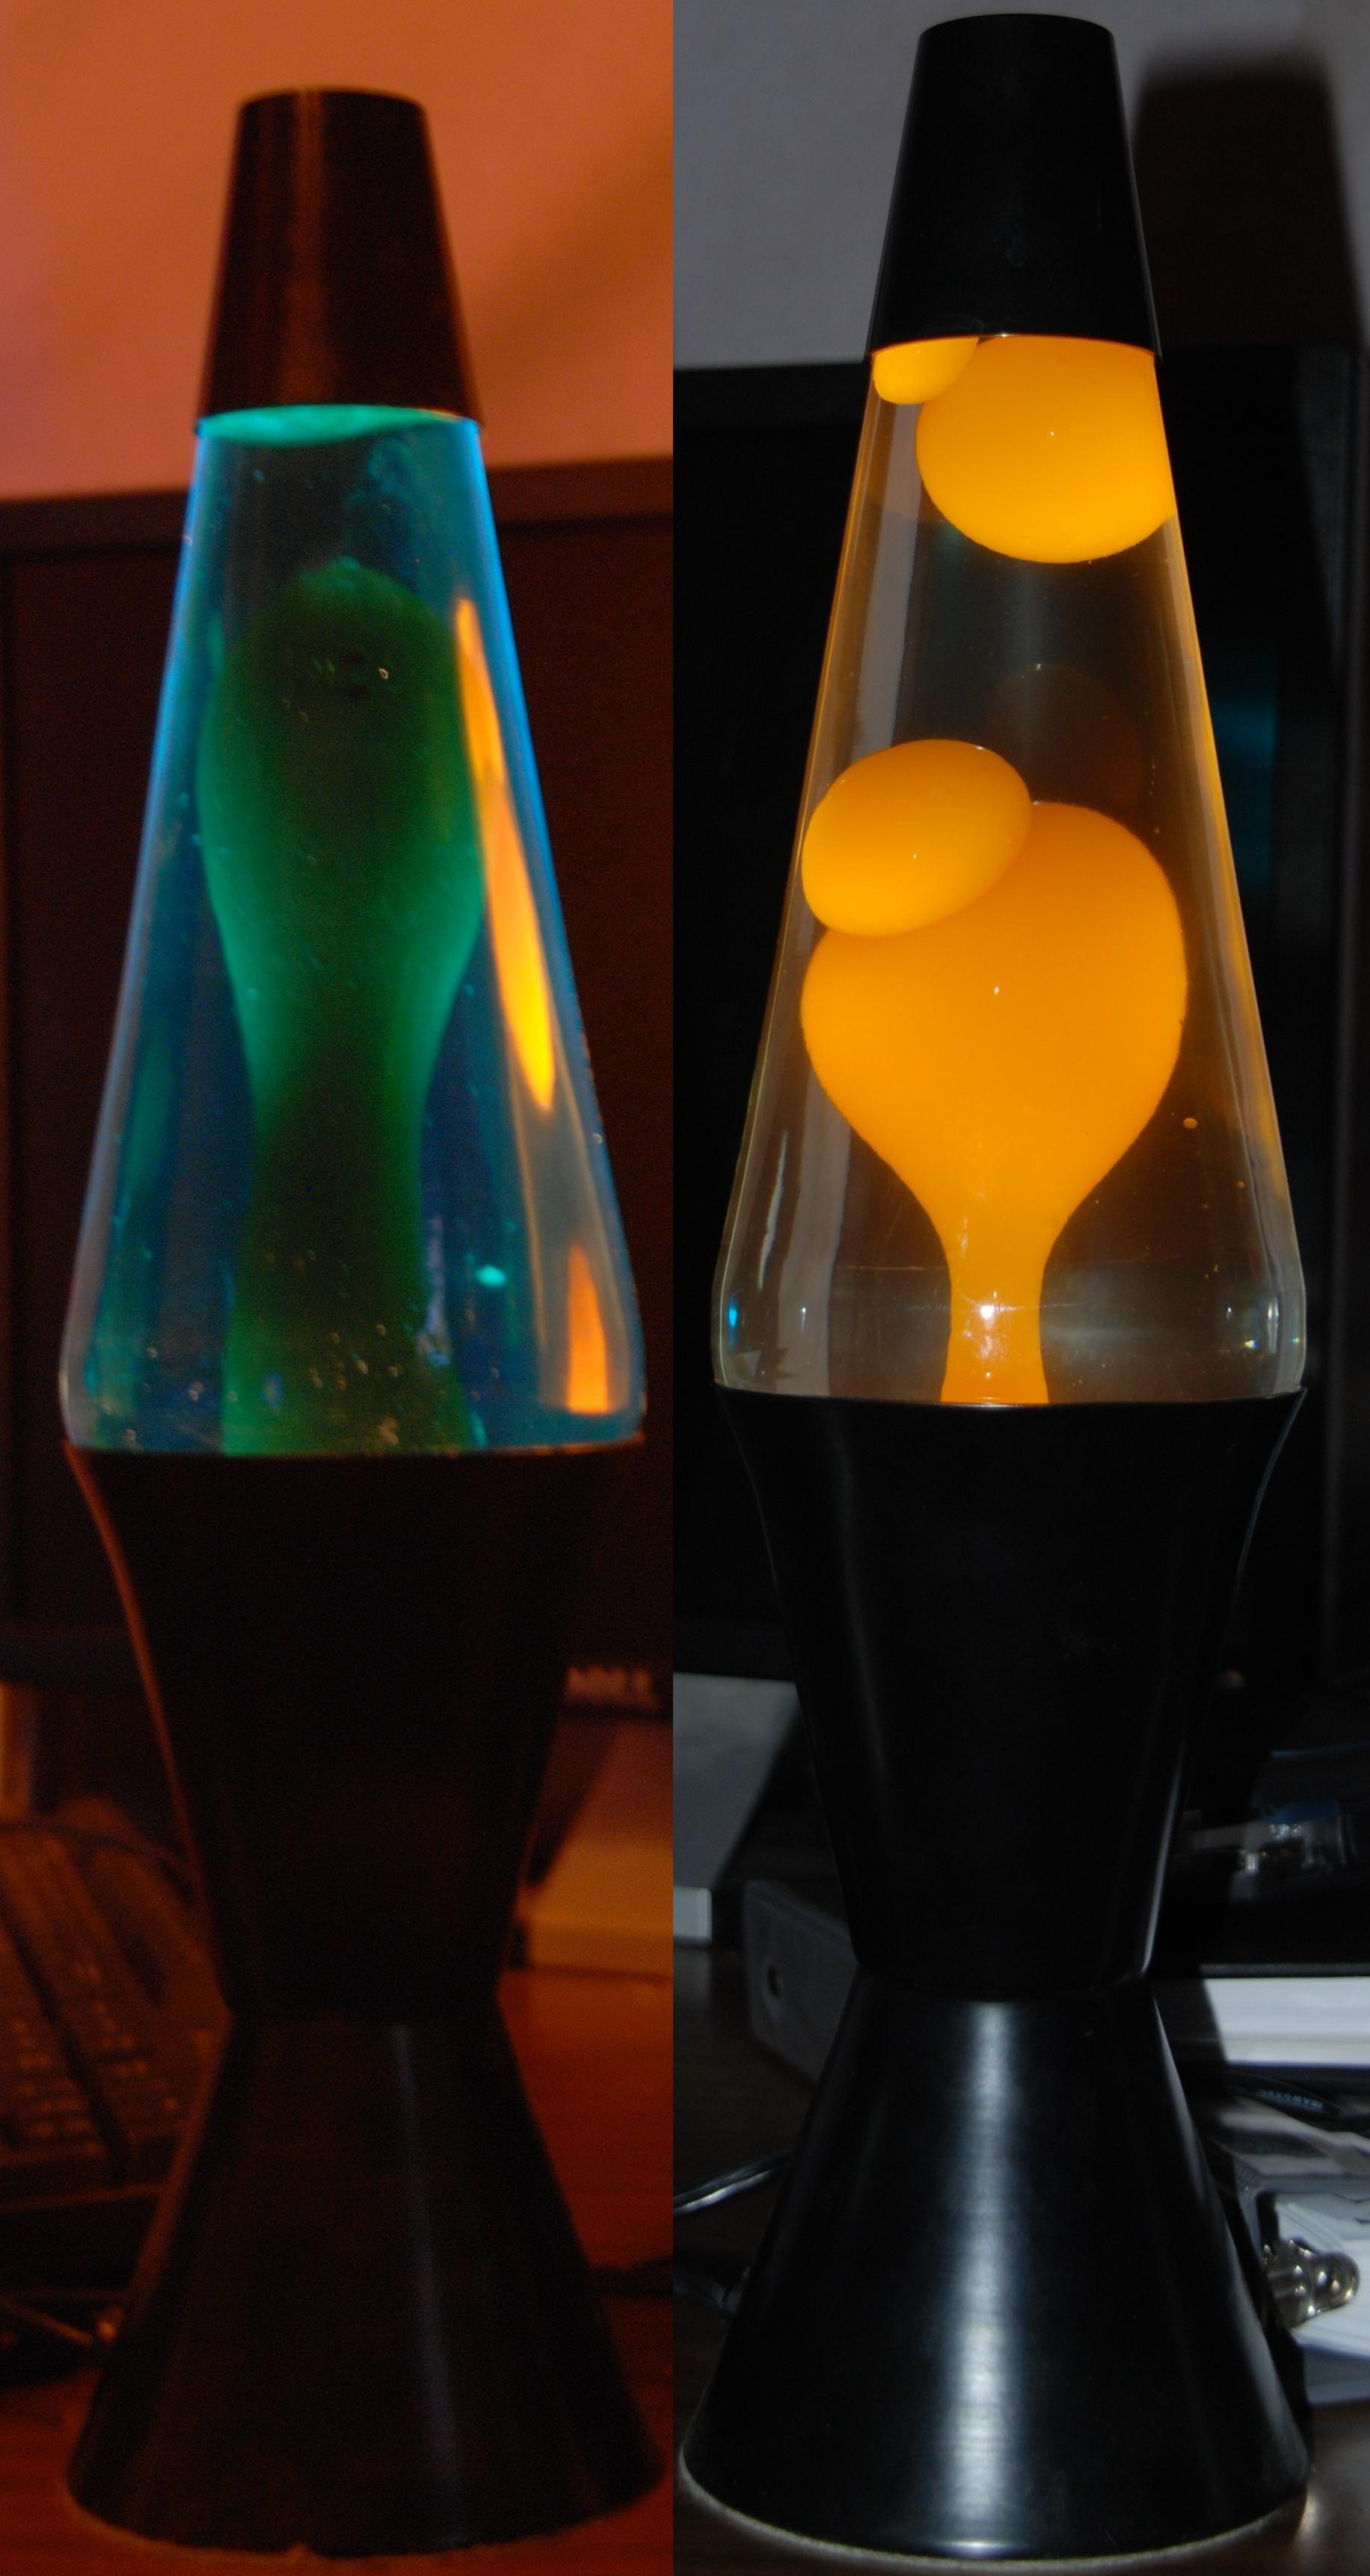 Lava lamp ikea - Making Custom Lamps With Lava Lite Mathmos Formula Oozing Goo The Lava Lamp